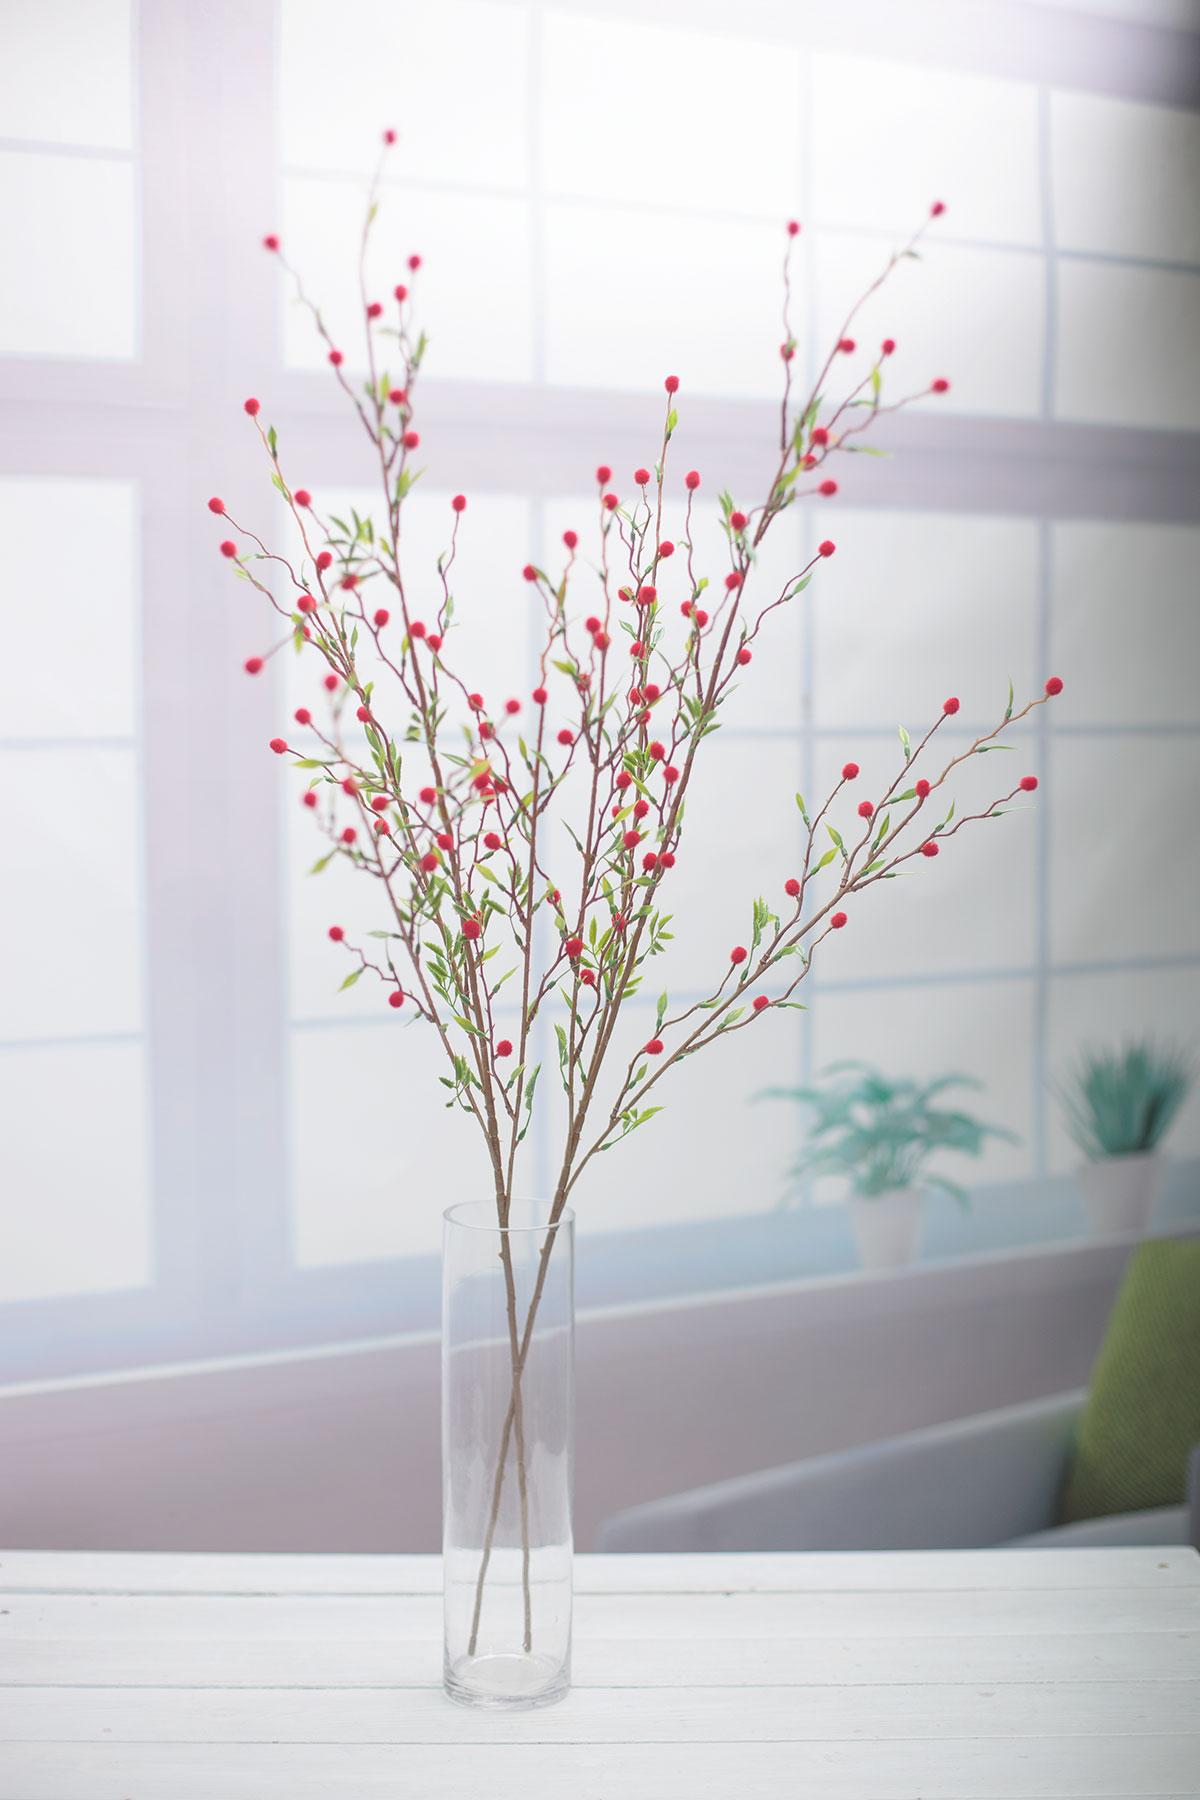 레드 미모사 꽃 가지 세로 큰 기본 이미지